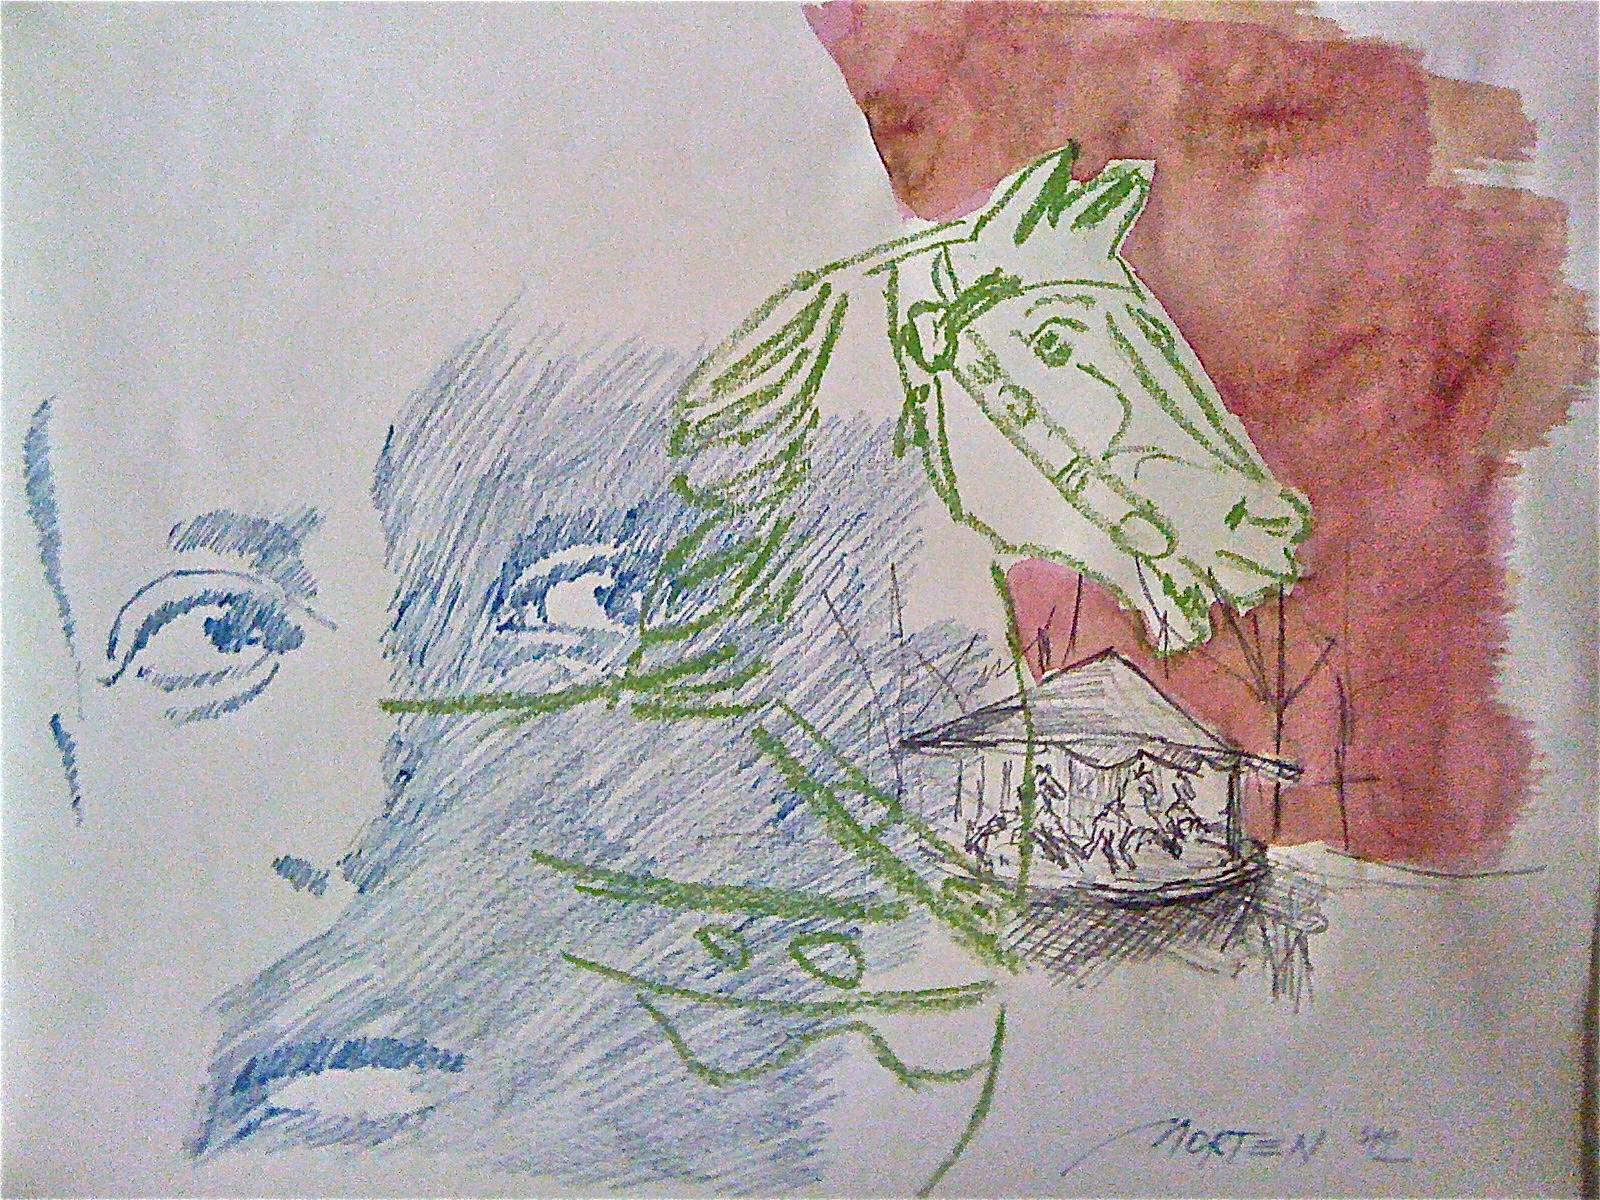 DAS KARUSSELL - RAINER MARIA RILKE, 2012, Johannes Morten,  50x70 cm, Graphit, Aquarell und Acryl auf Büttenpapier